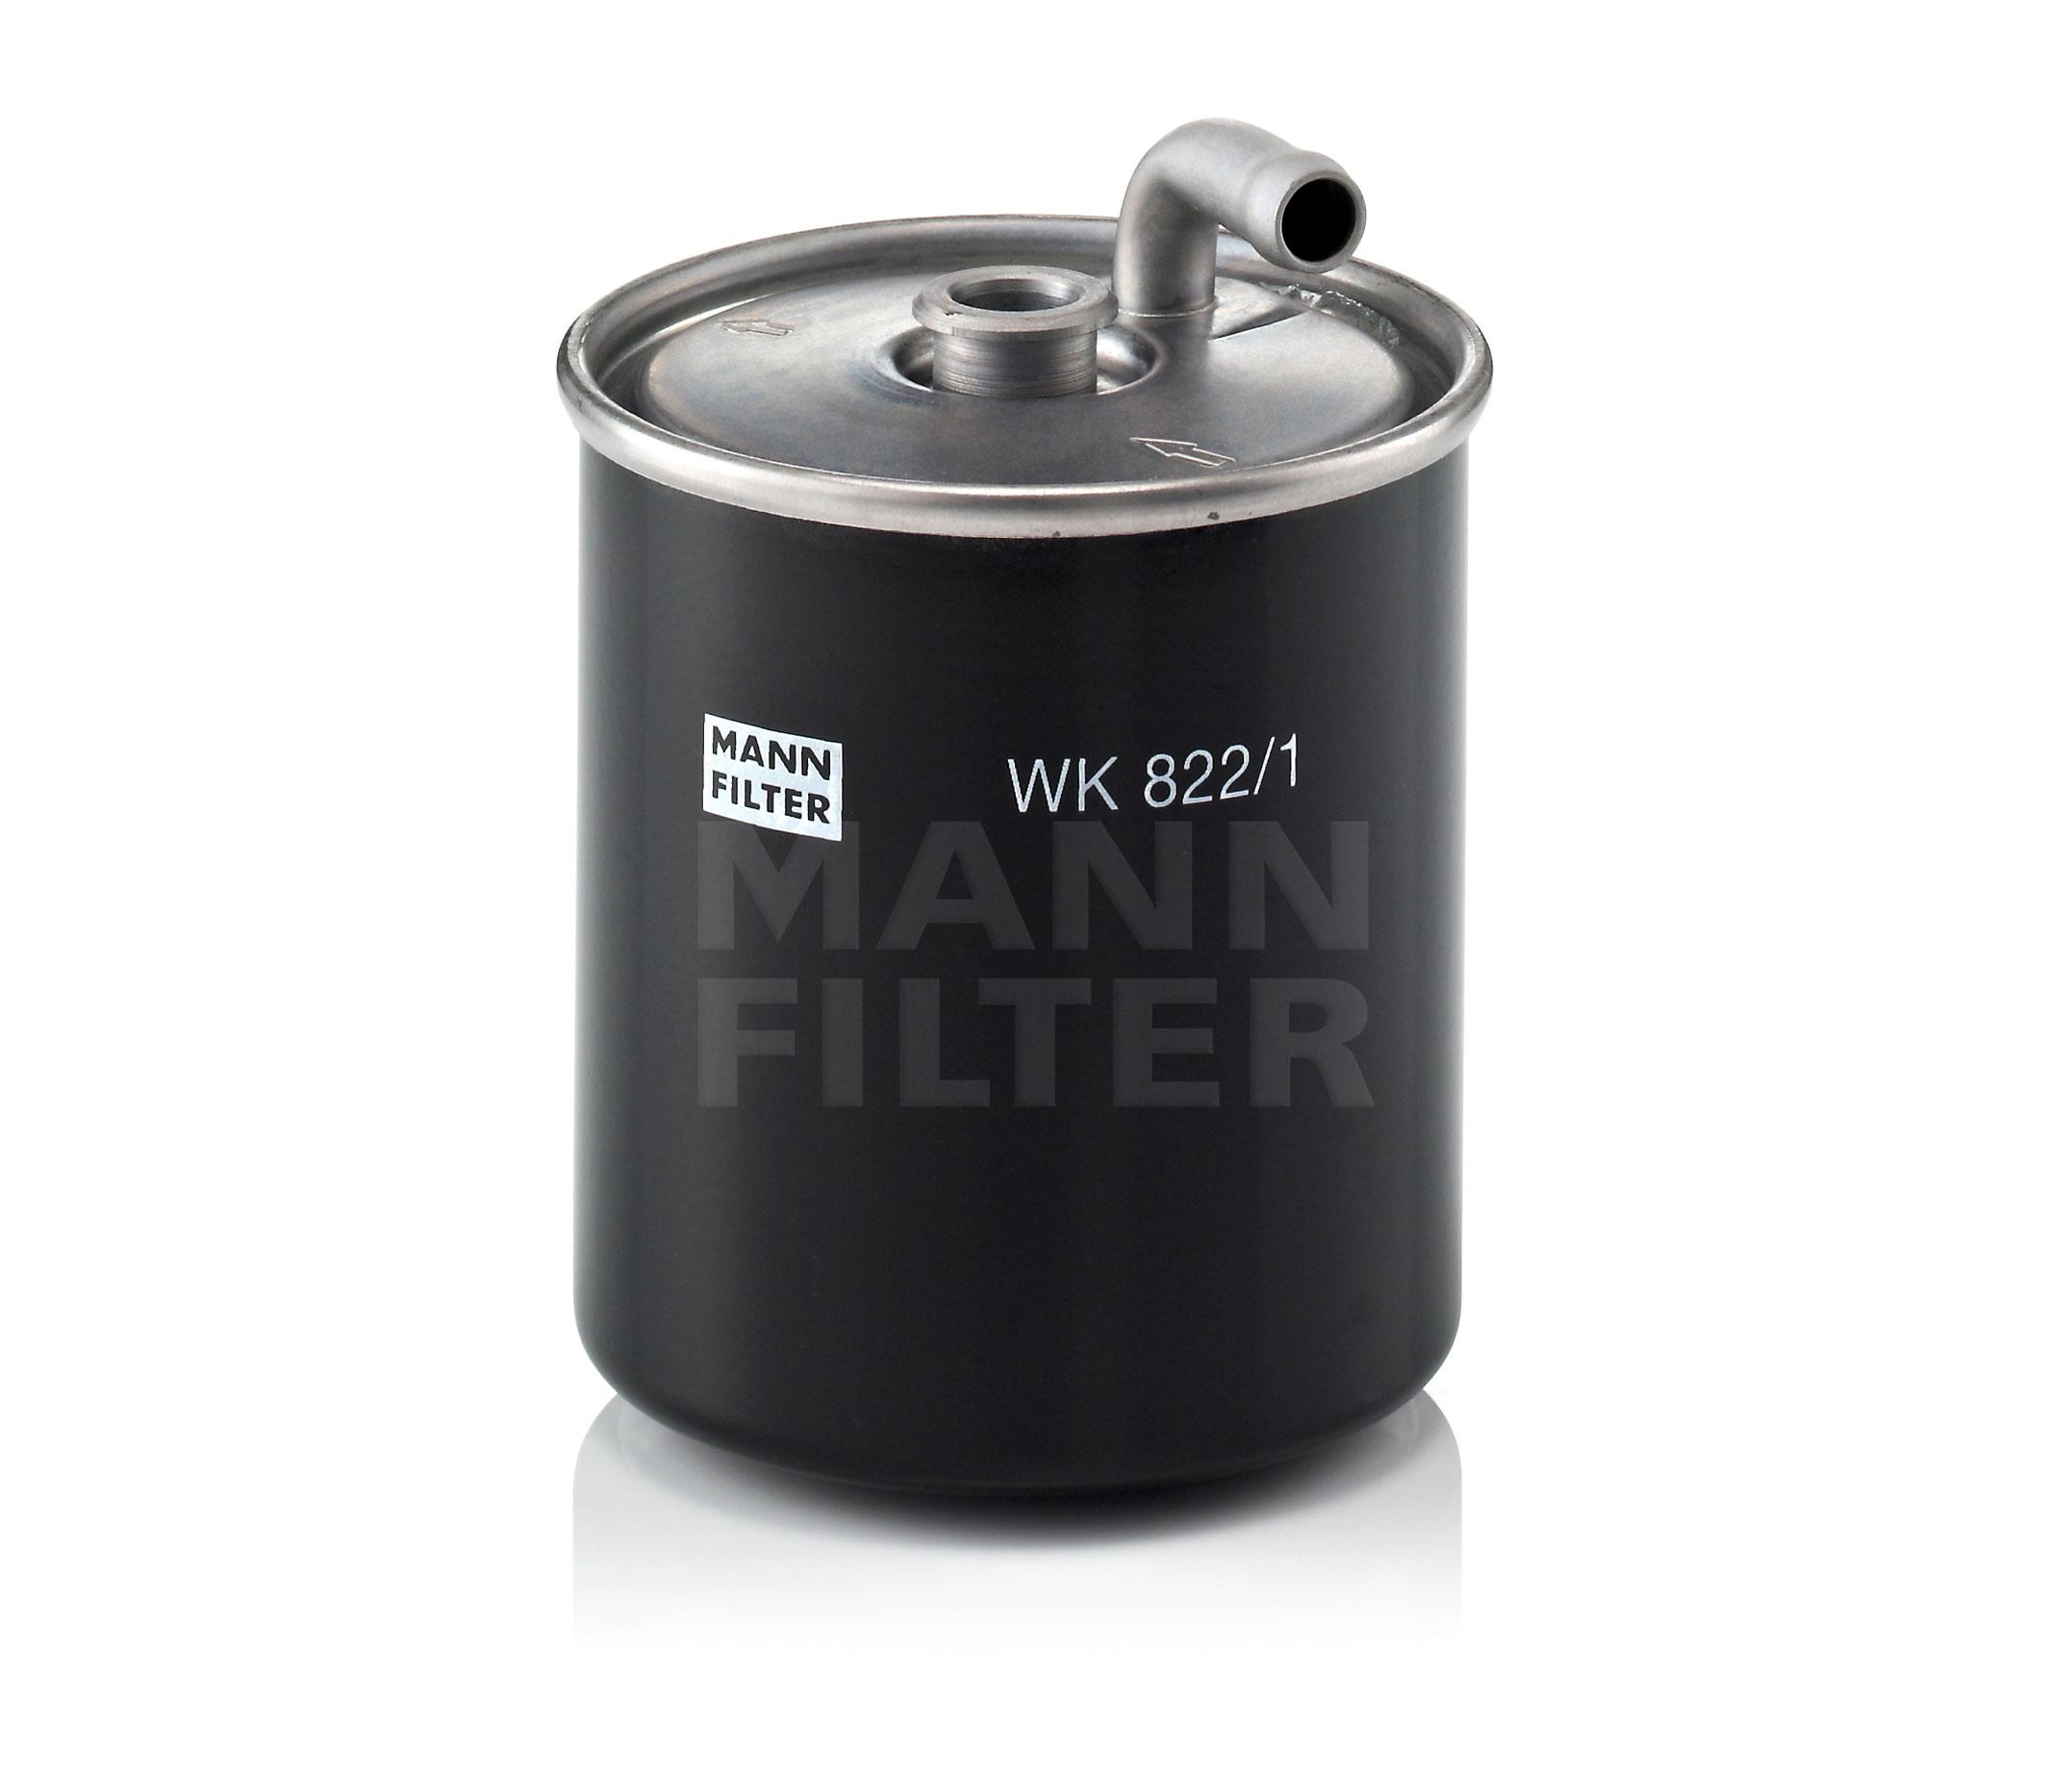 MANN Fuel Filter WK822/1 fits Mercedes-Benz M-Class ML 270 CDI (W163)